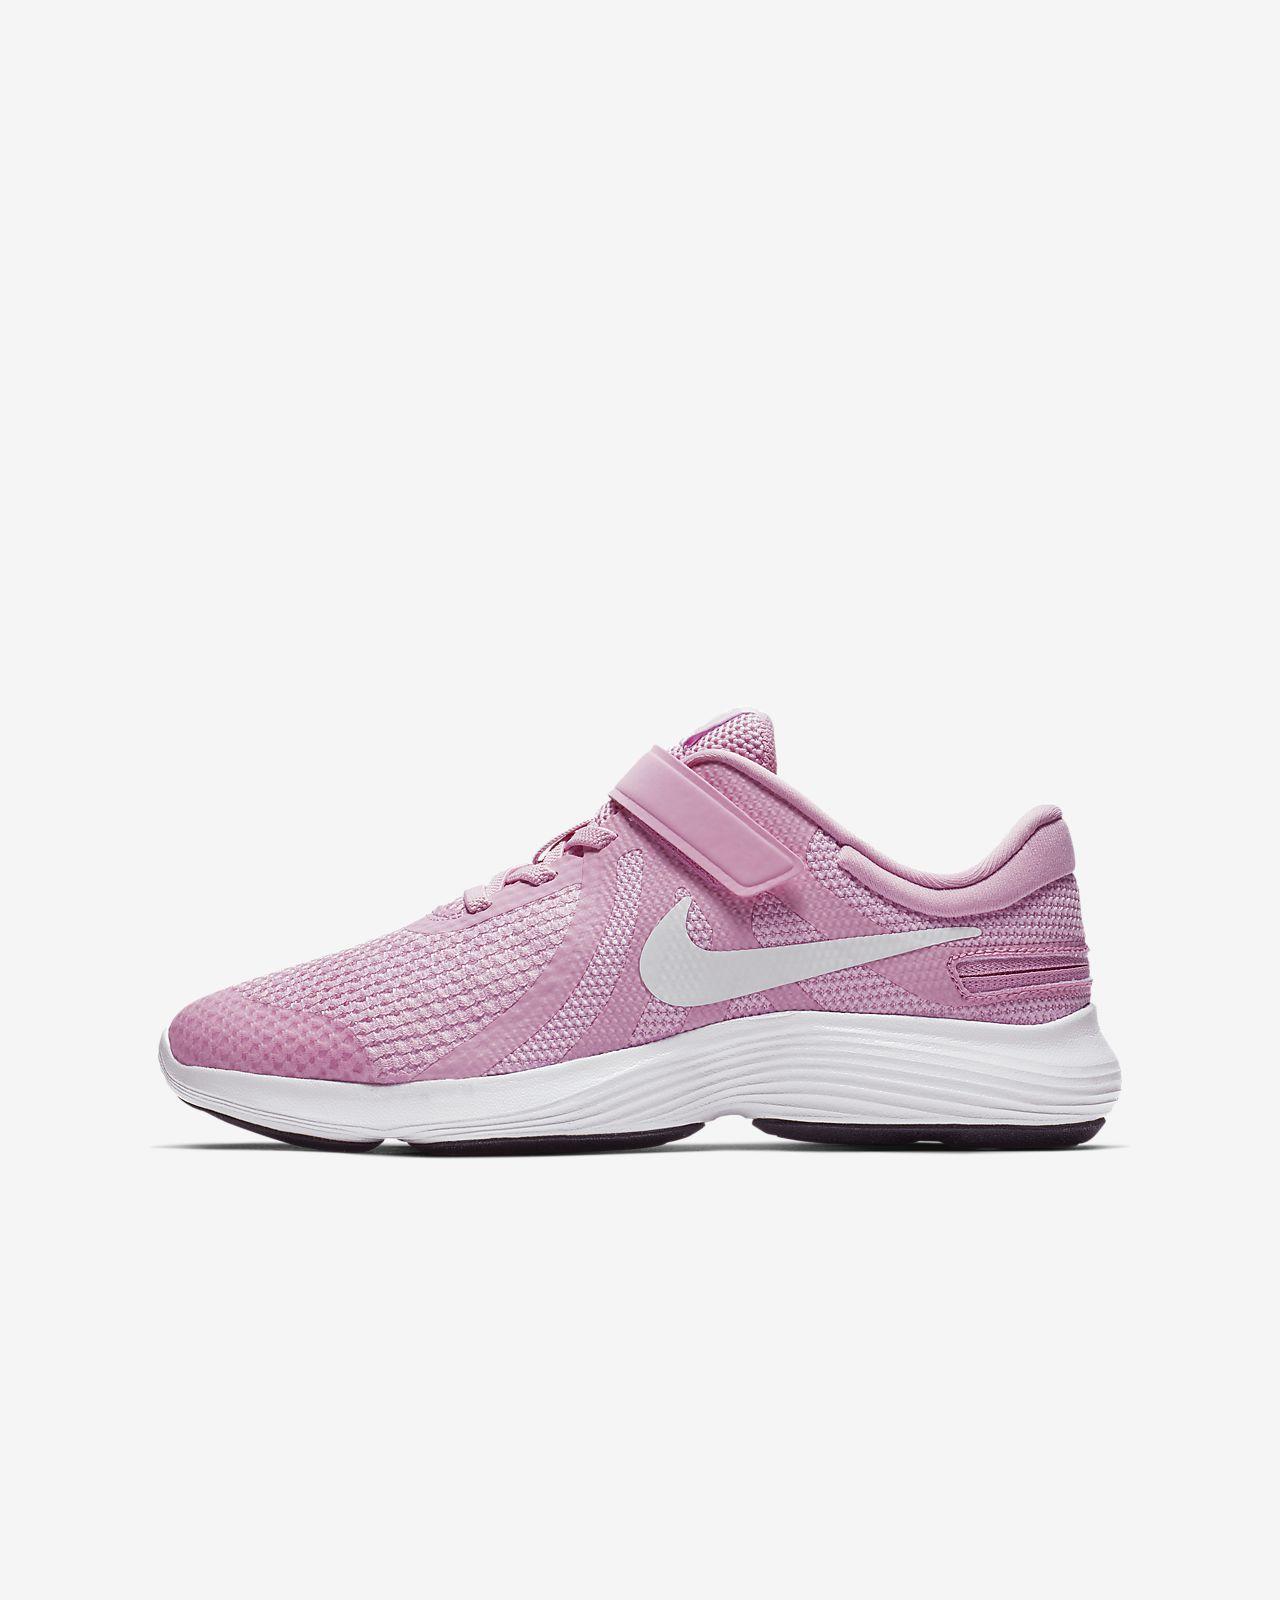 Löparsko Nike Revolution 4 FlyEase 4E för ungdom